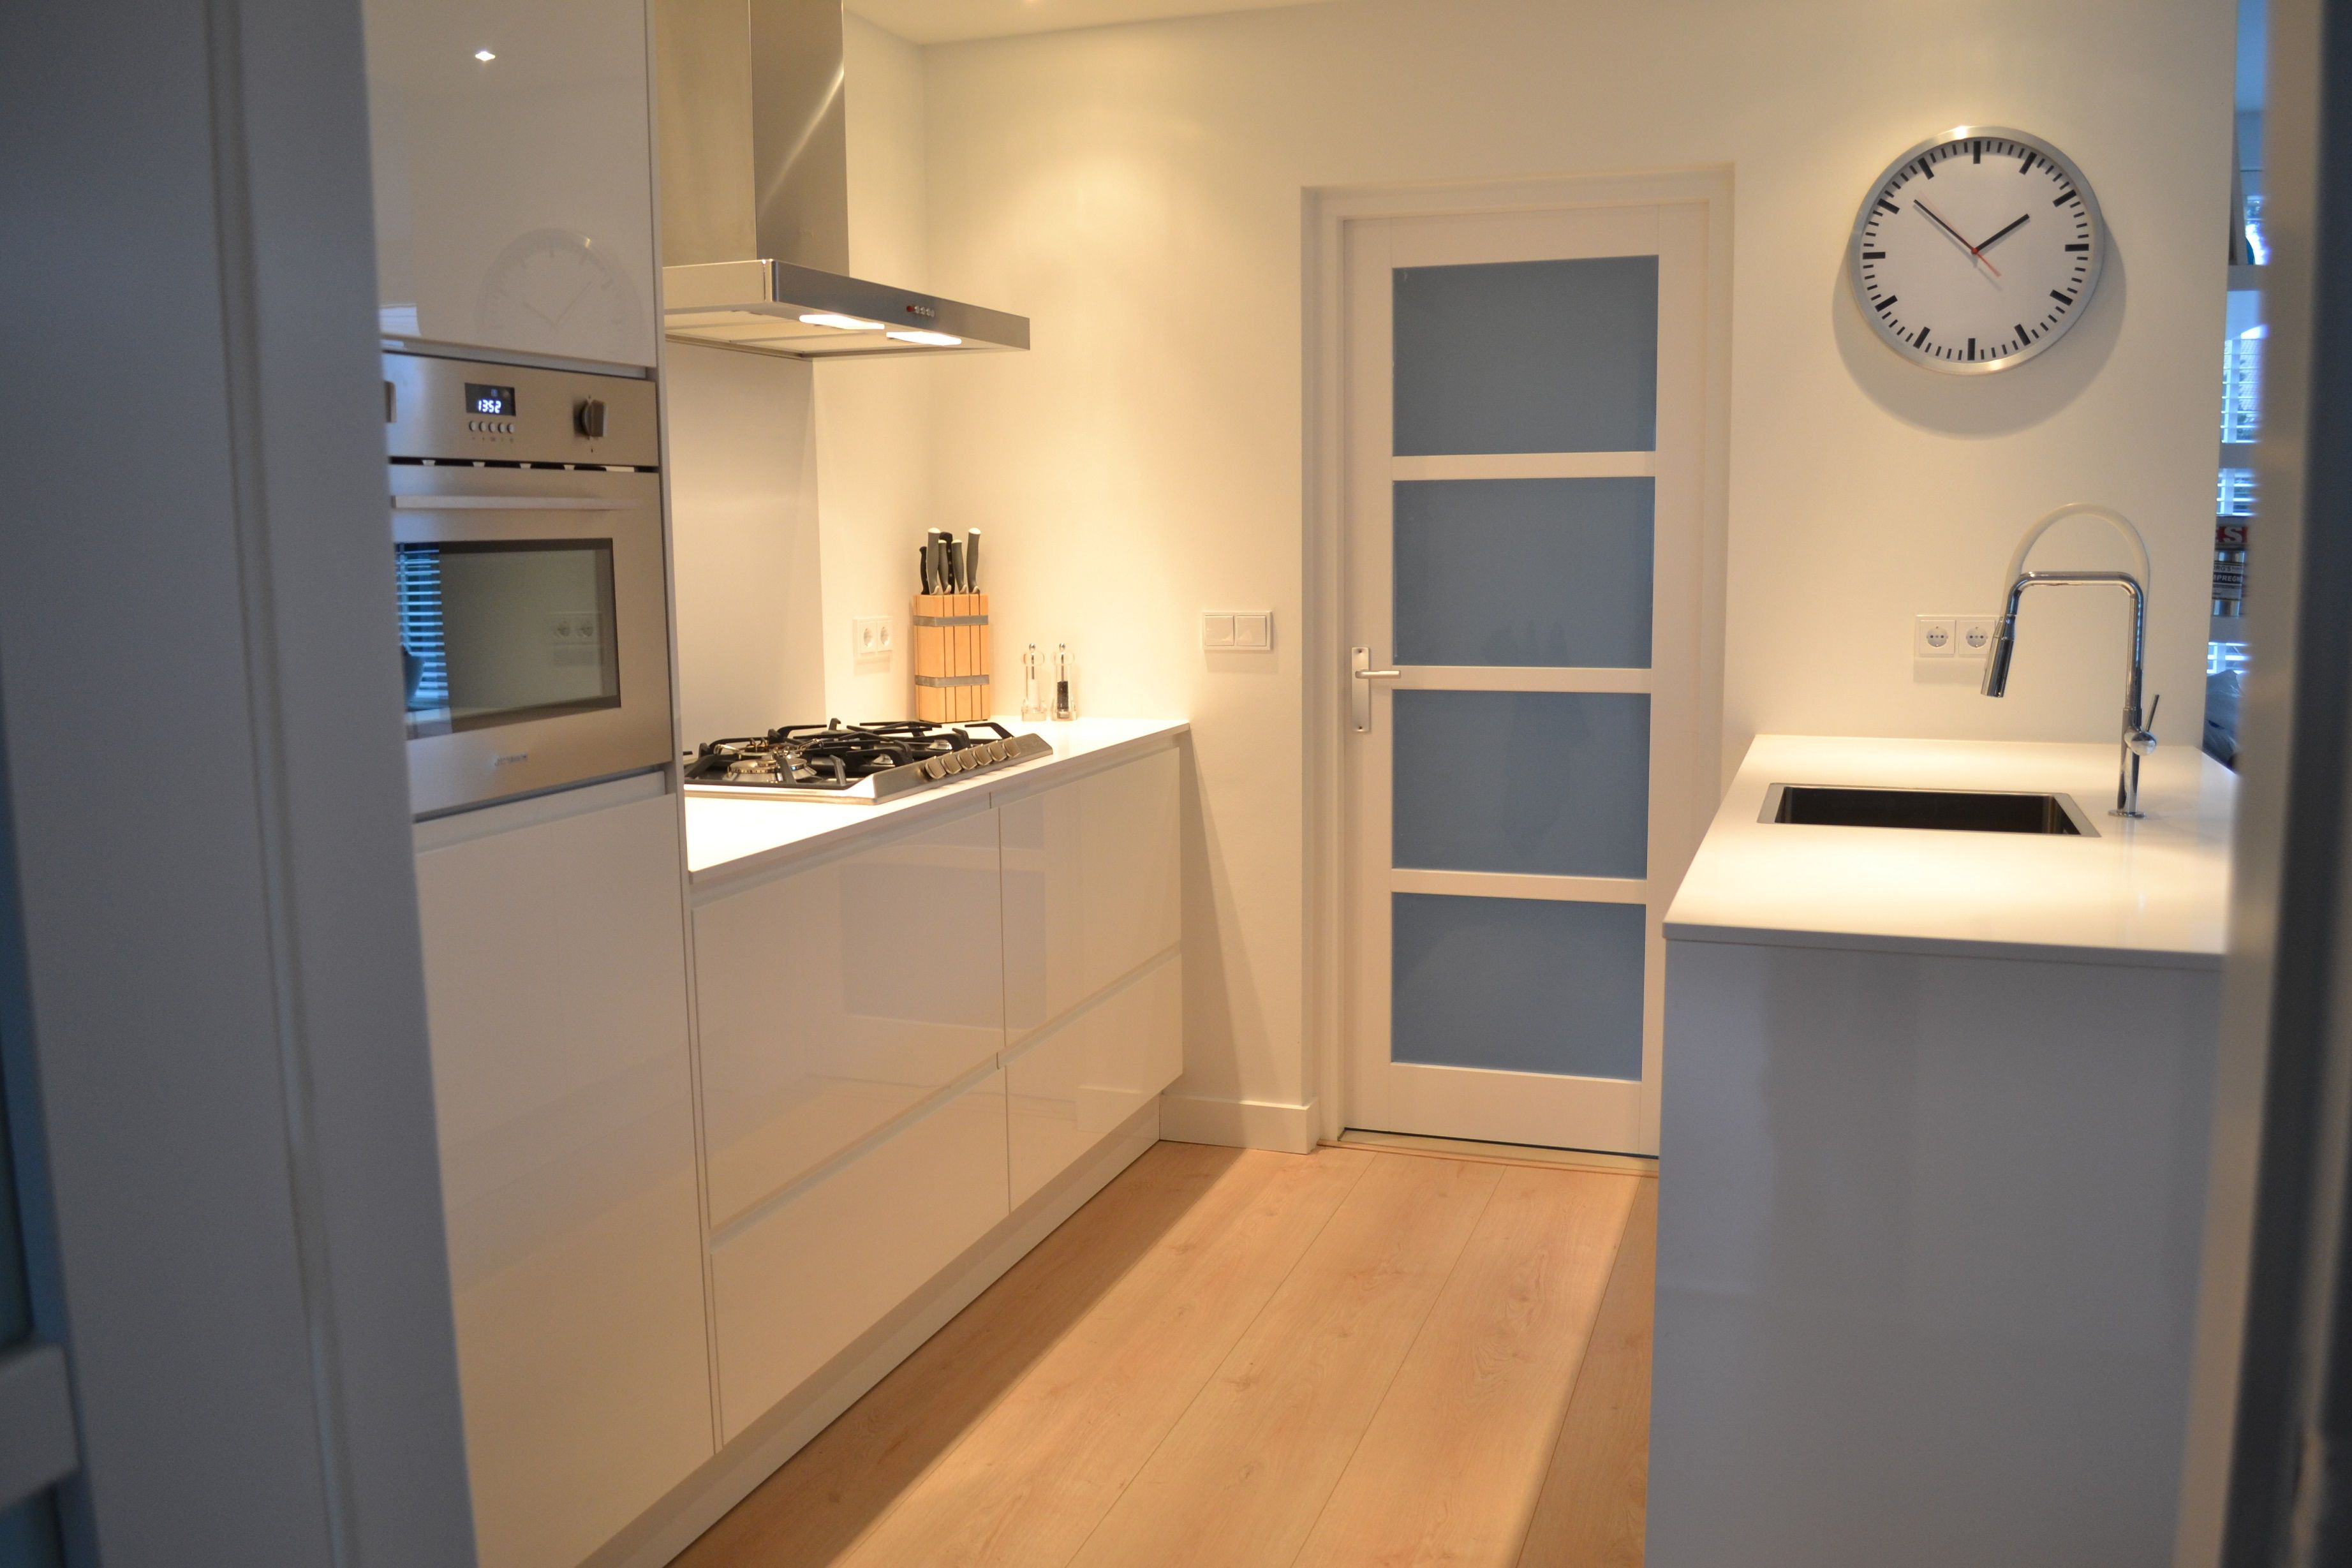 Greeploze Witte Keuken : Greeploze keukens ekelhoff küchen